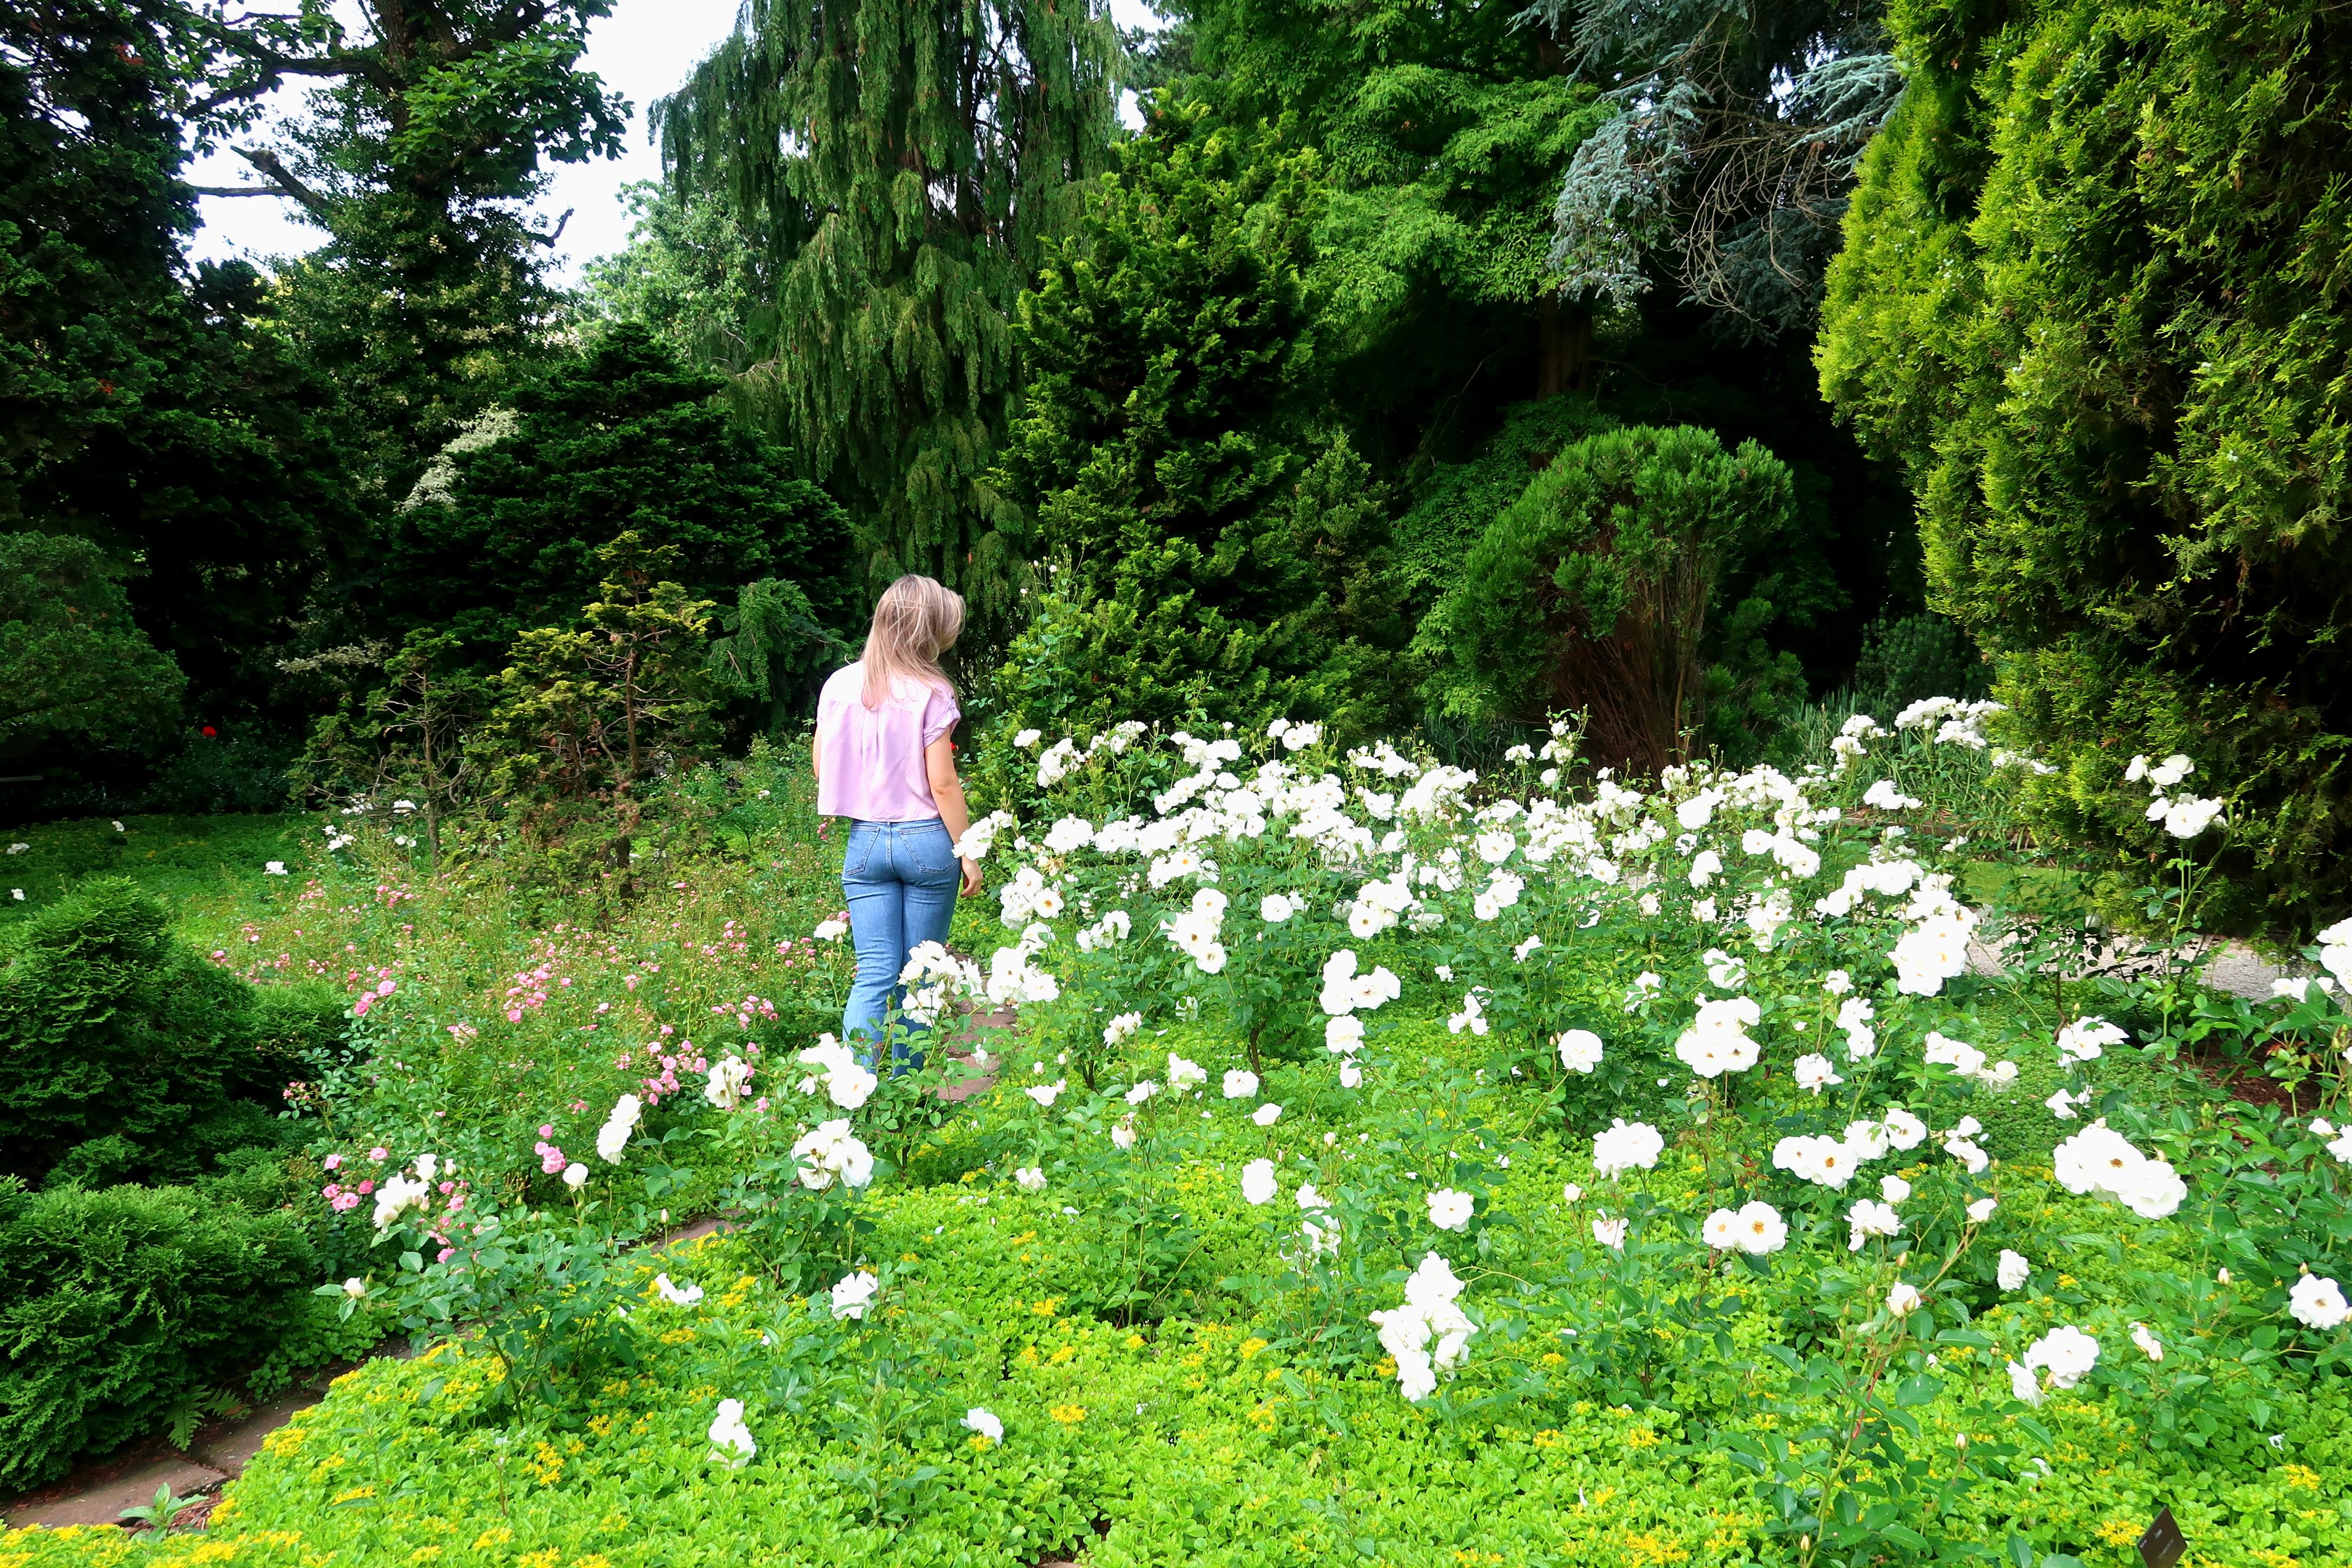 Dit pareltje van Rotterdam is een botanische tuin gelegen in Kralingen. Het is prachtig aangelegd en gevuld met bomen, struiken en de meest unieke bloemen. Of je nu van flora houdt of gewoon wat rust en stilte wilt, je bent welkom om alleen of met een gids langs te komen en rond te lopen.